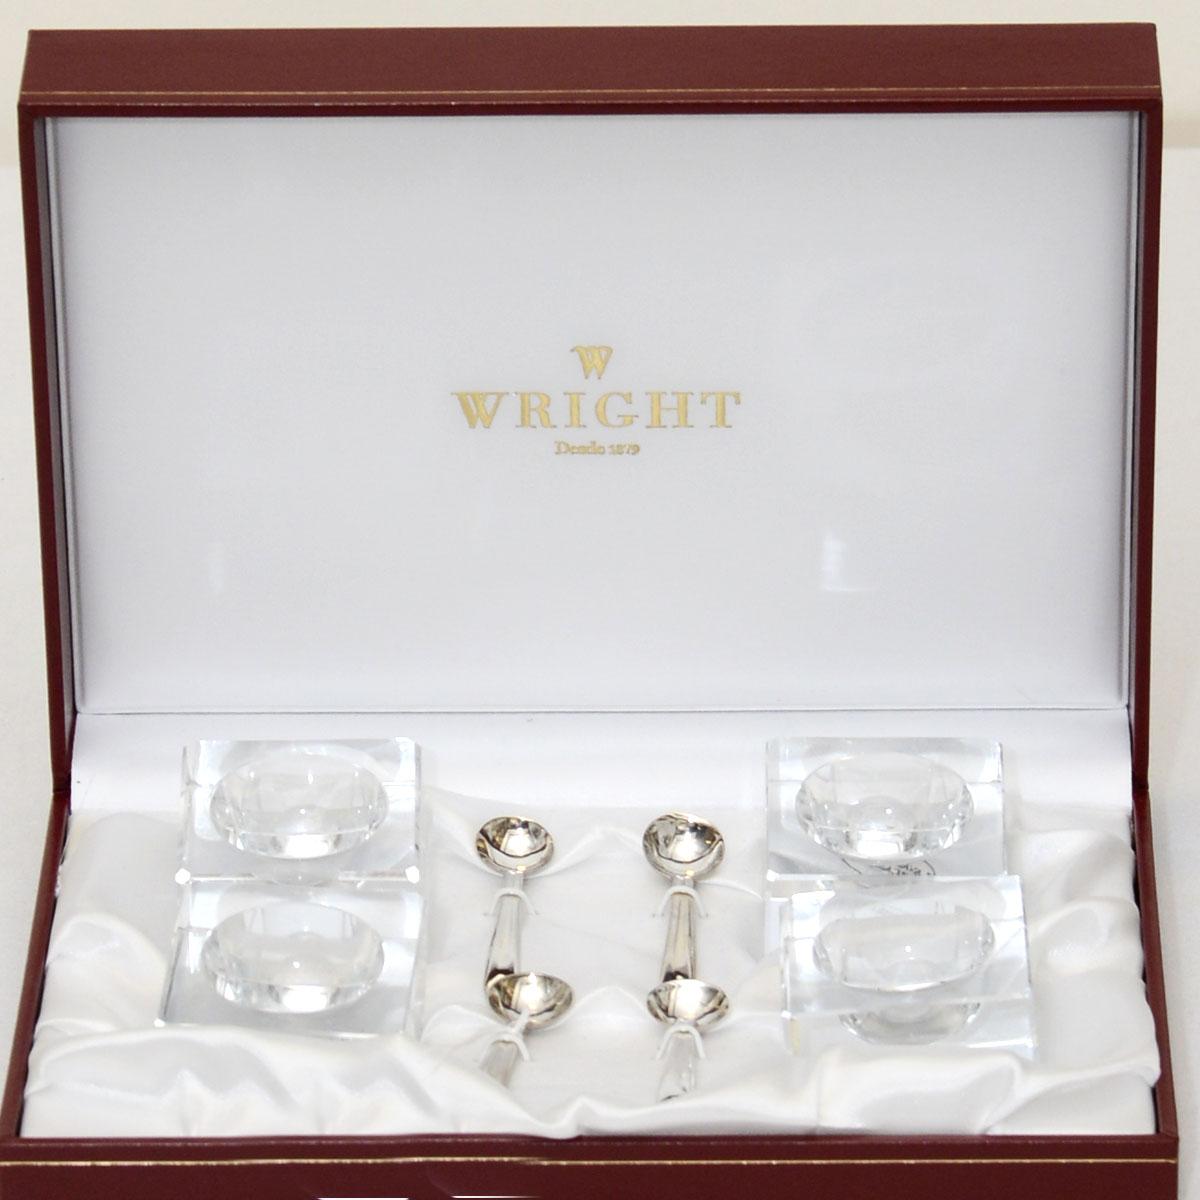 Wright | Bazar Inglés (Decoración, Bazar & Hogar):        Salero